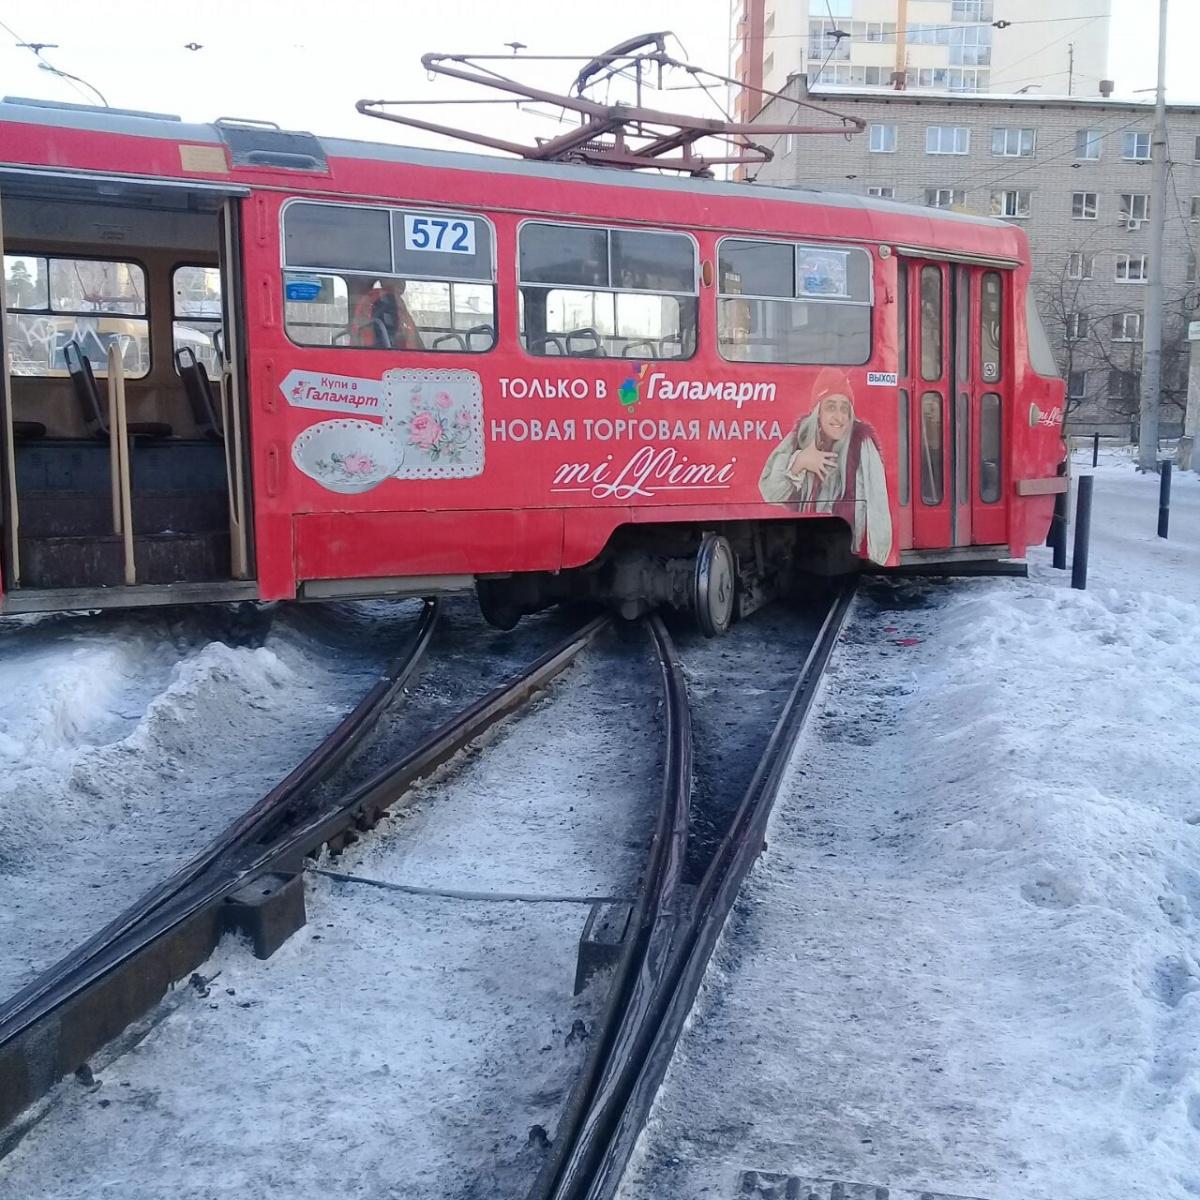 Конечная трамвая жби завод железобетонных изделий стройсервис